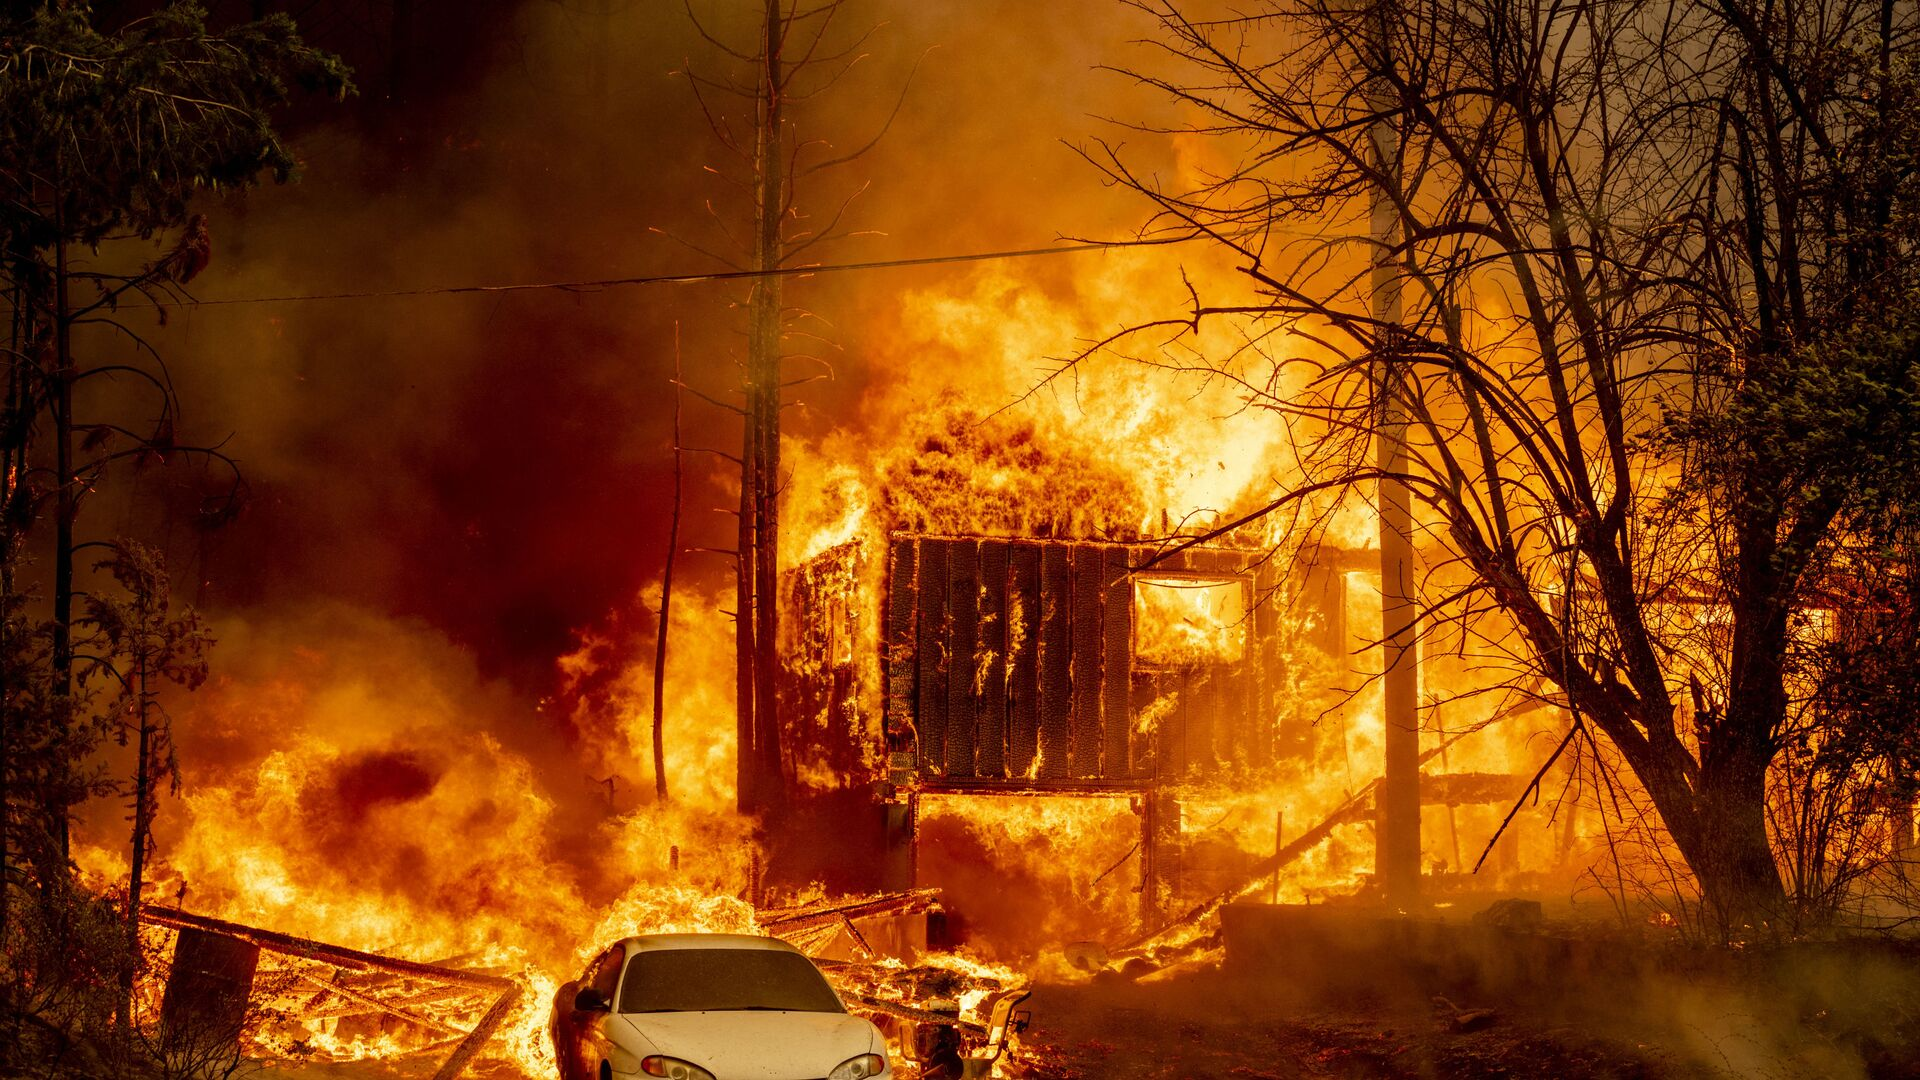 Охваченный пламенем дом в Гринвилле, Калифорния - Sputnik Česká republika, 1920, 08.08.2021